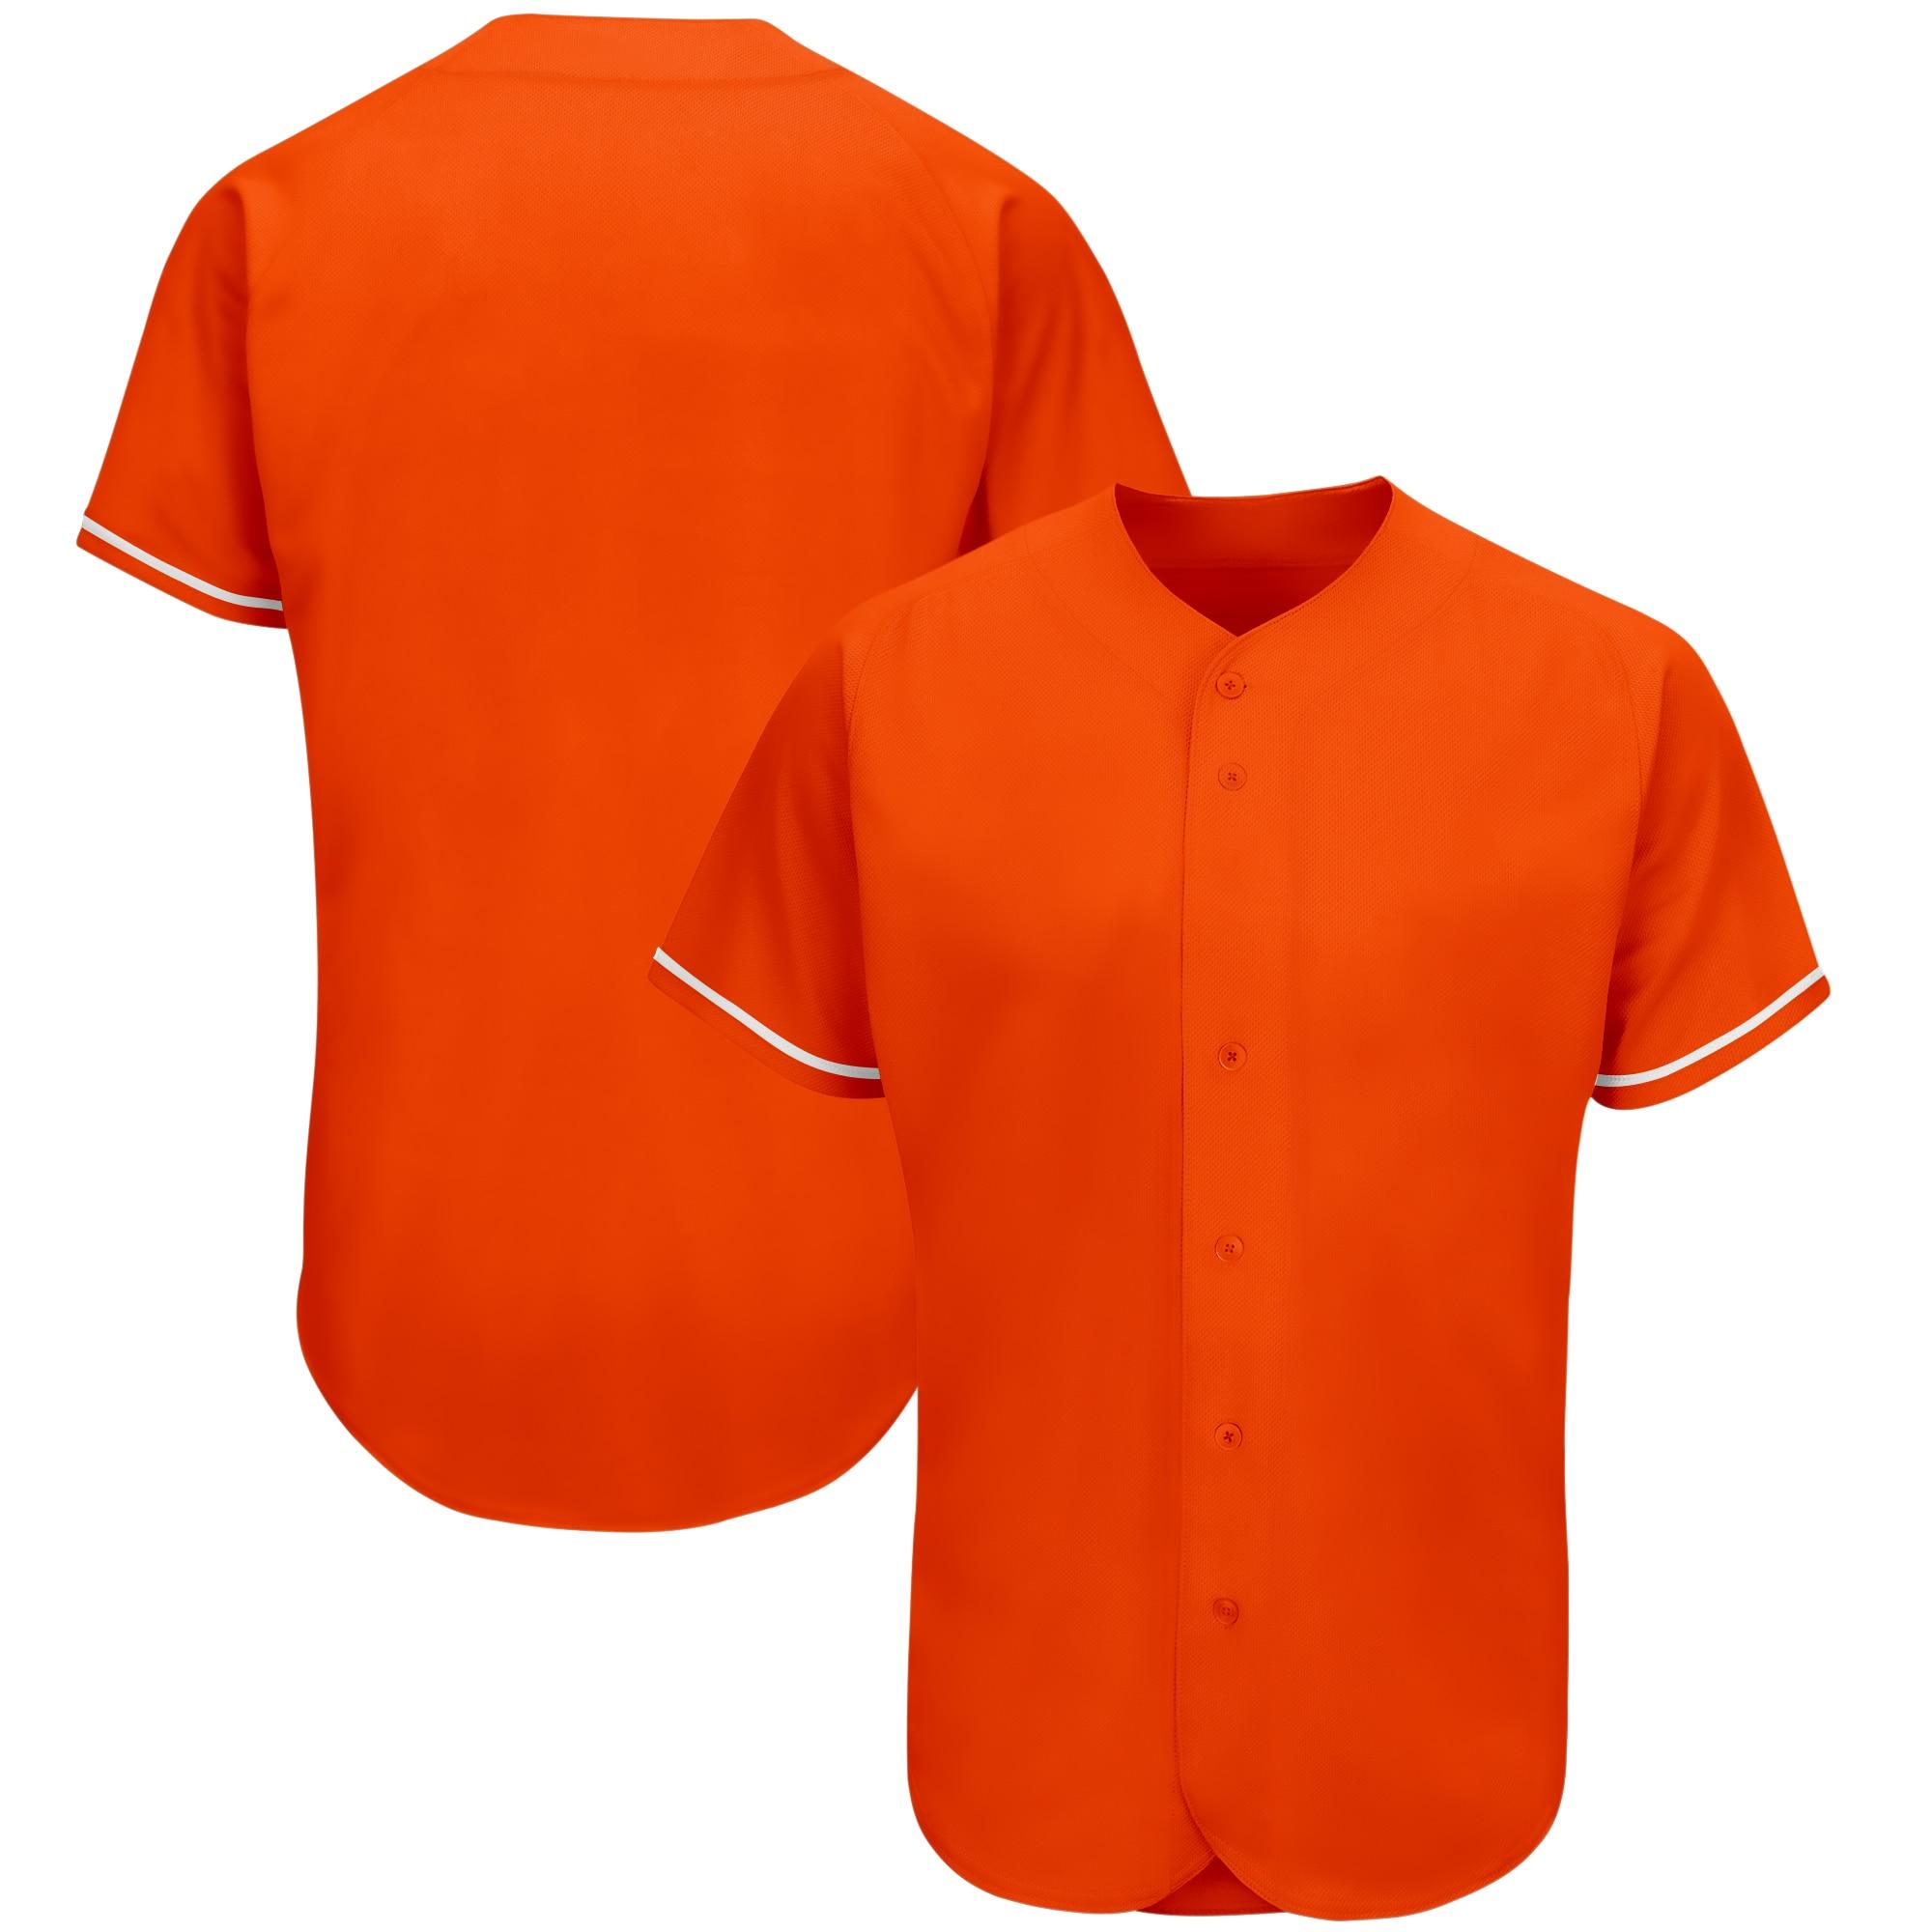 Недорогие мужские бейсбольные Джерси без рисунка под заказ, спортивные футболки для спортсменов, униформа для чирлидинга